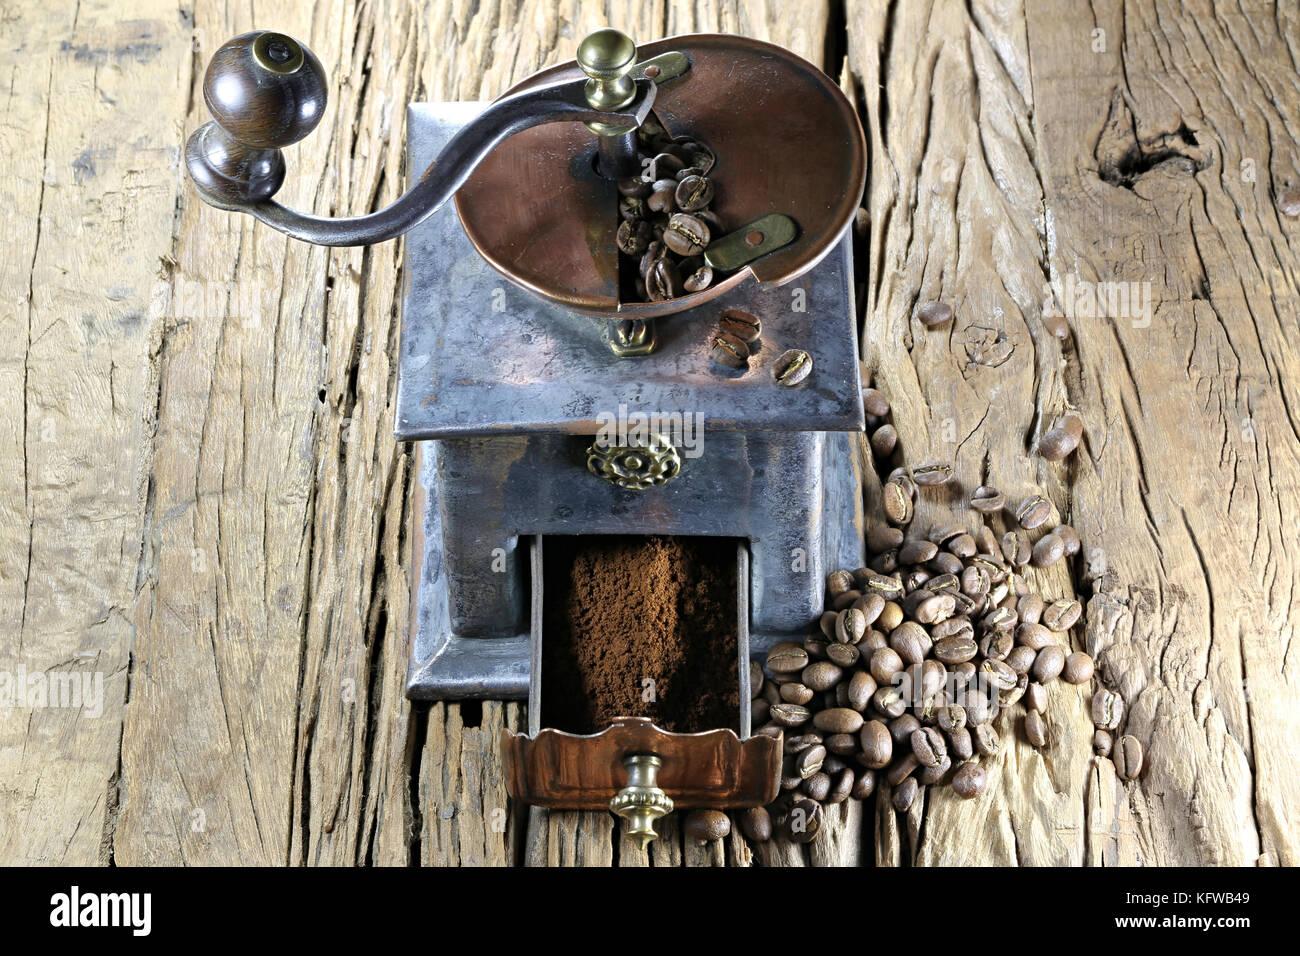 Vintage molinillo de café tostado de fabricación con granos de café arábigo de Indonesia sobre Imagen De Stock